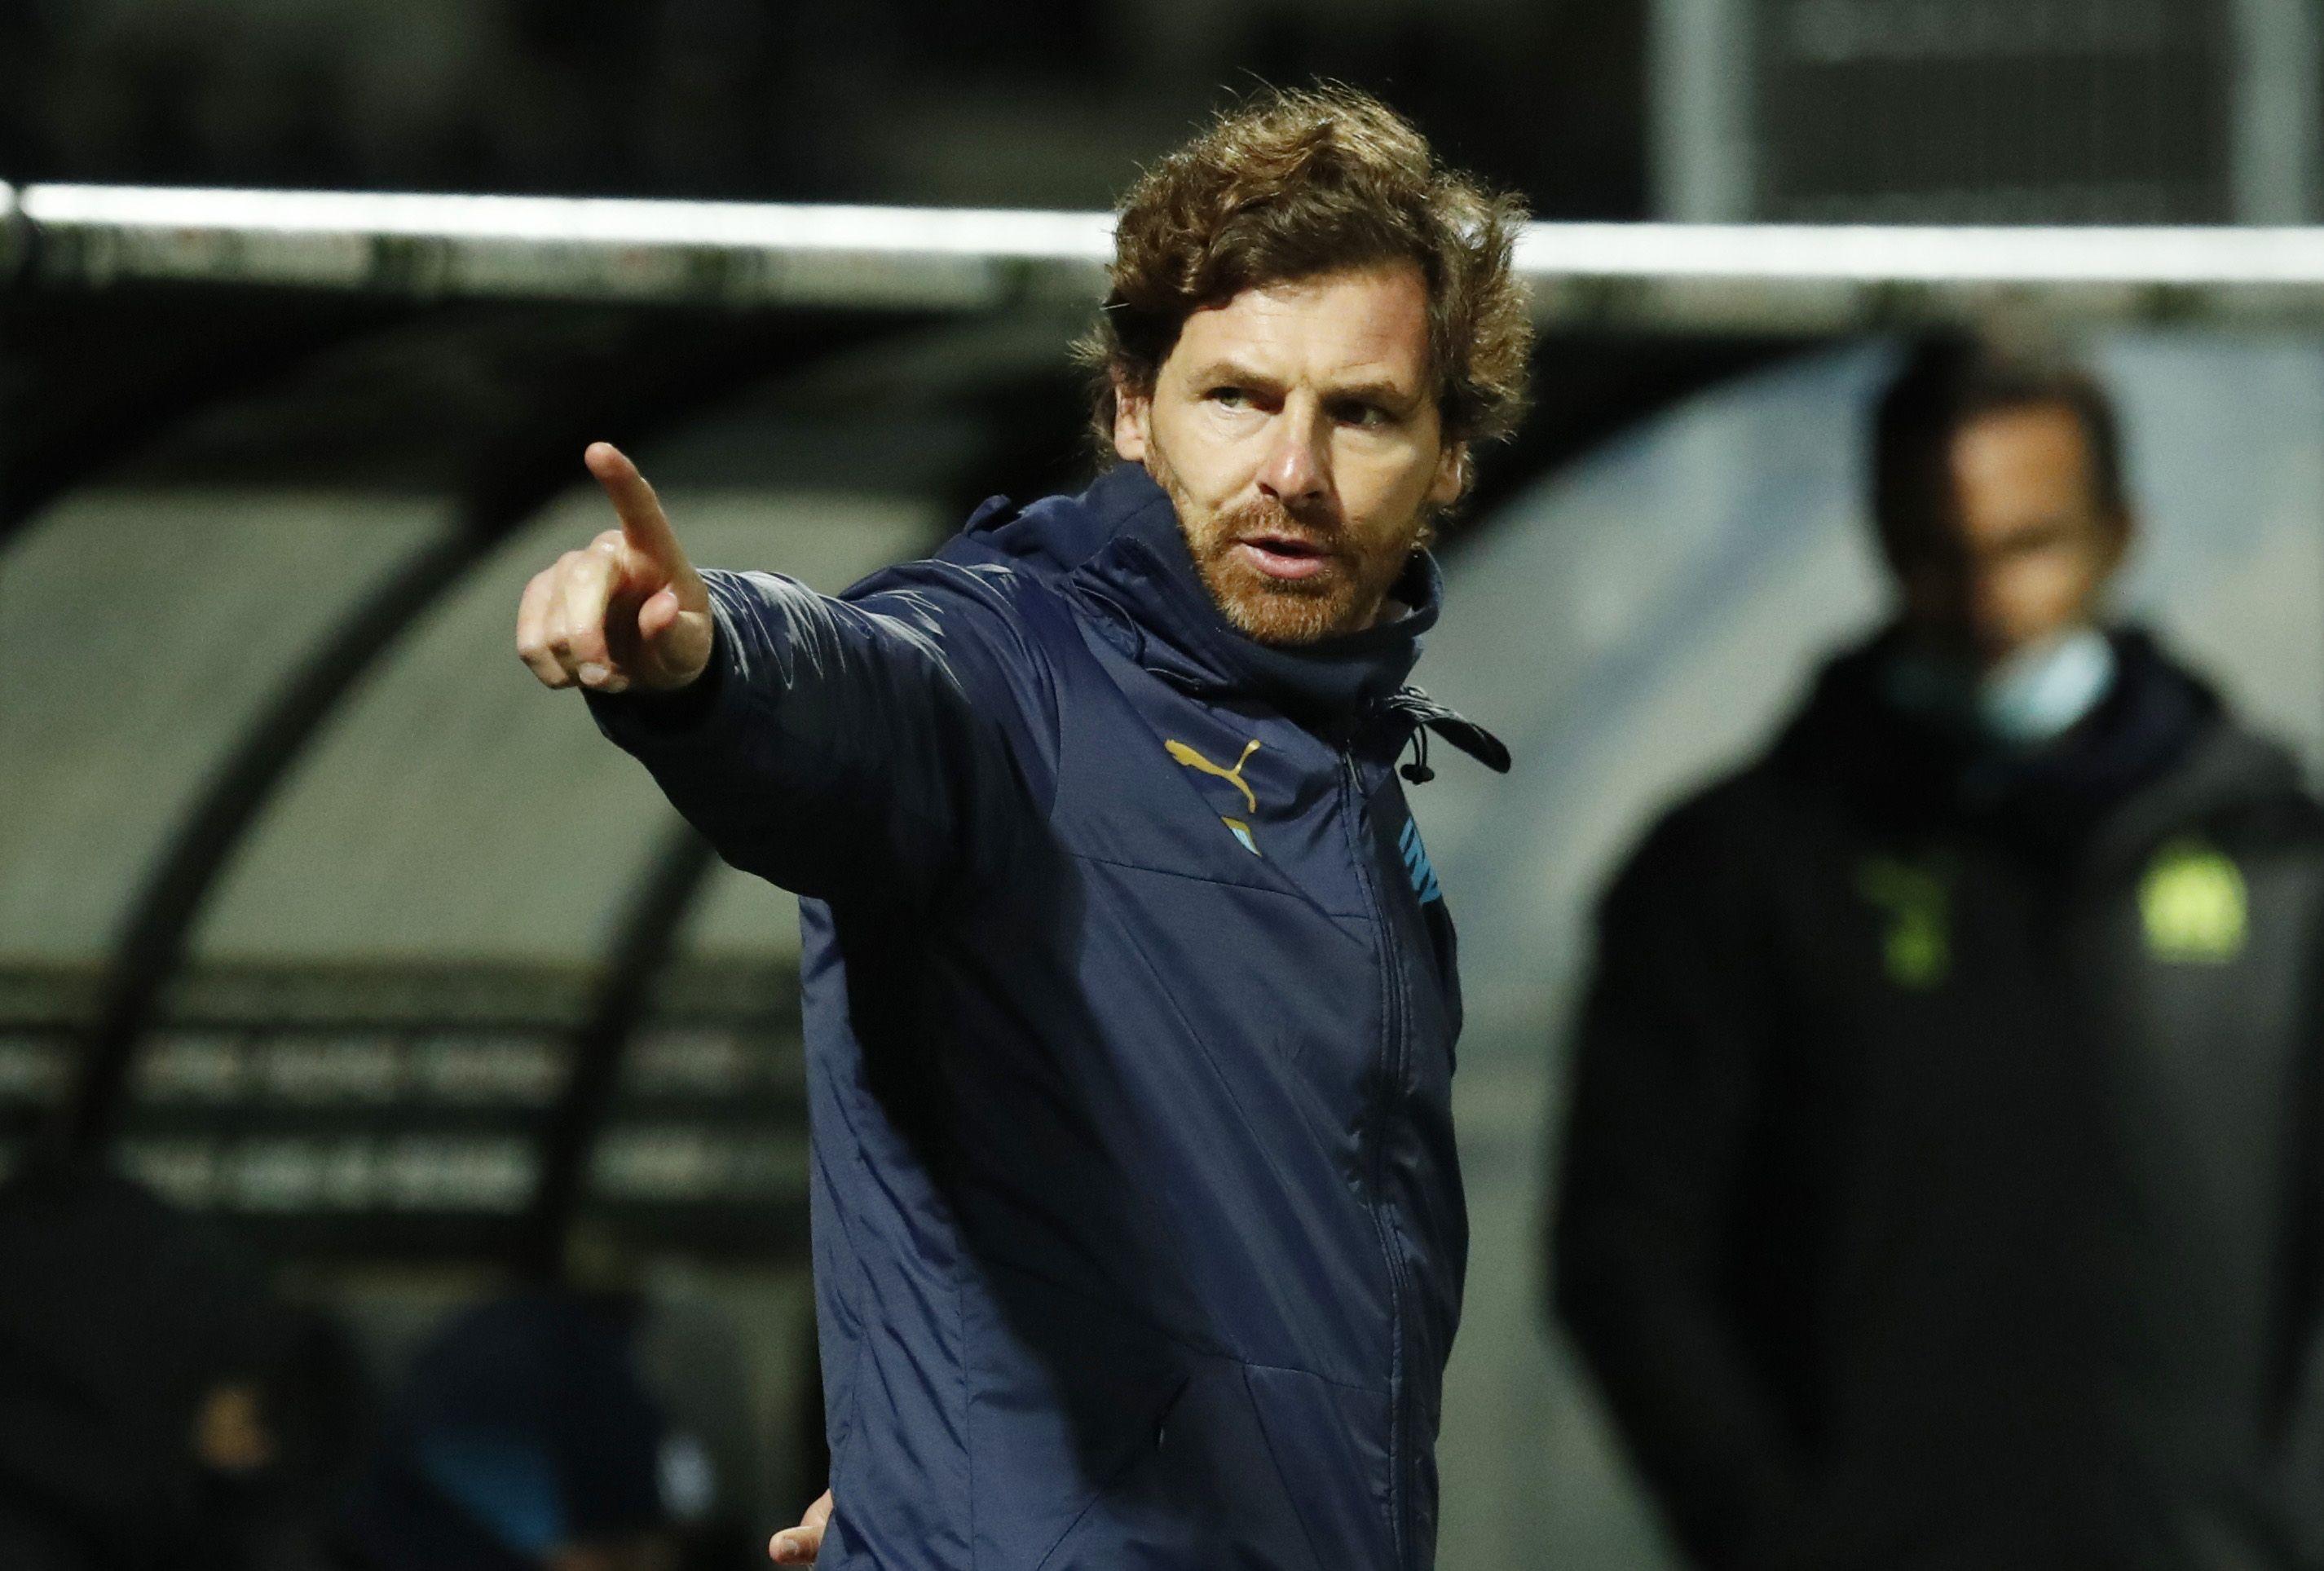 André Villas Boas acaba de salir del Olympique de Marsella al enterarse del fichaje de Oliver Ntcham, procedente del Celtic de Glasgow sin su consentimiento. Es discípulo de Mourinho.